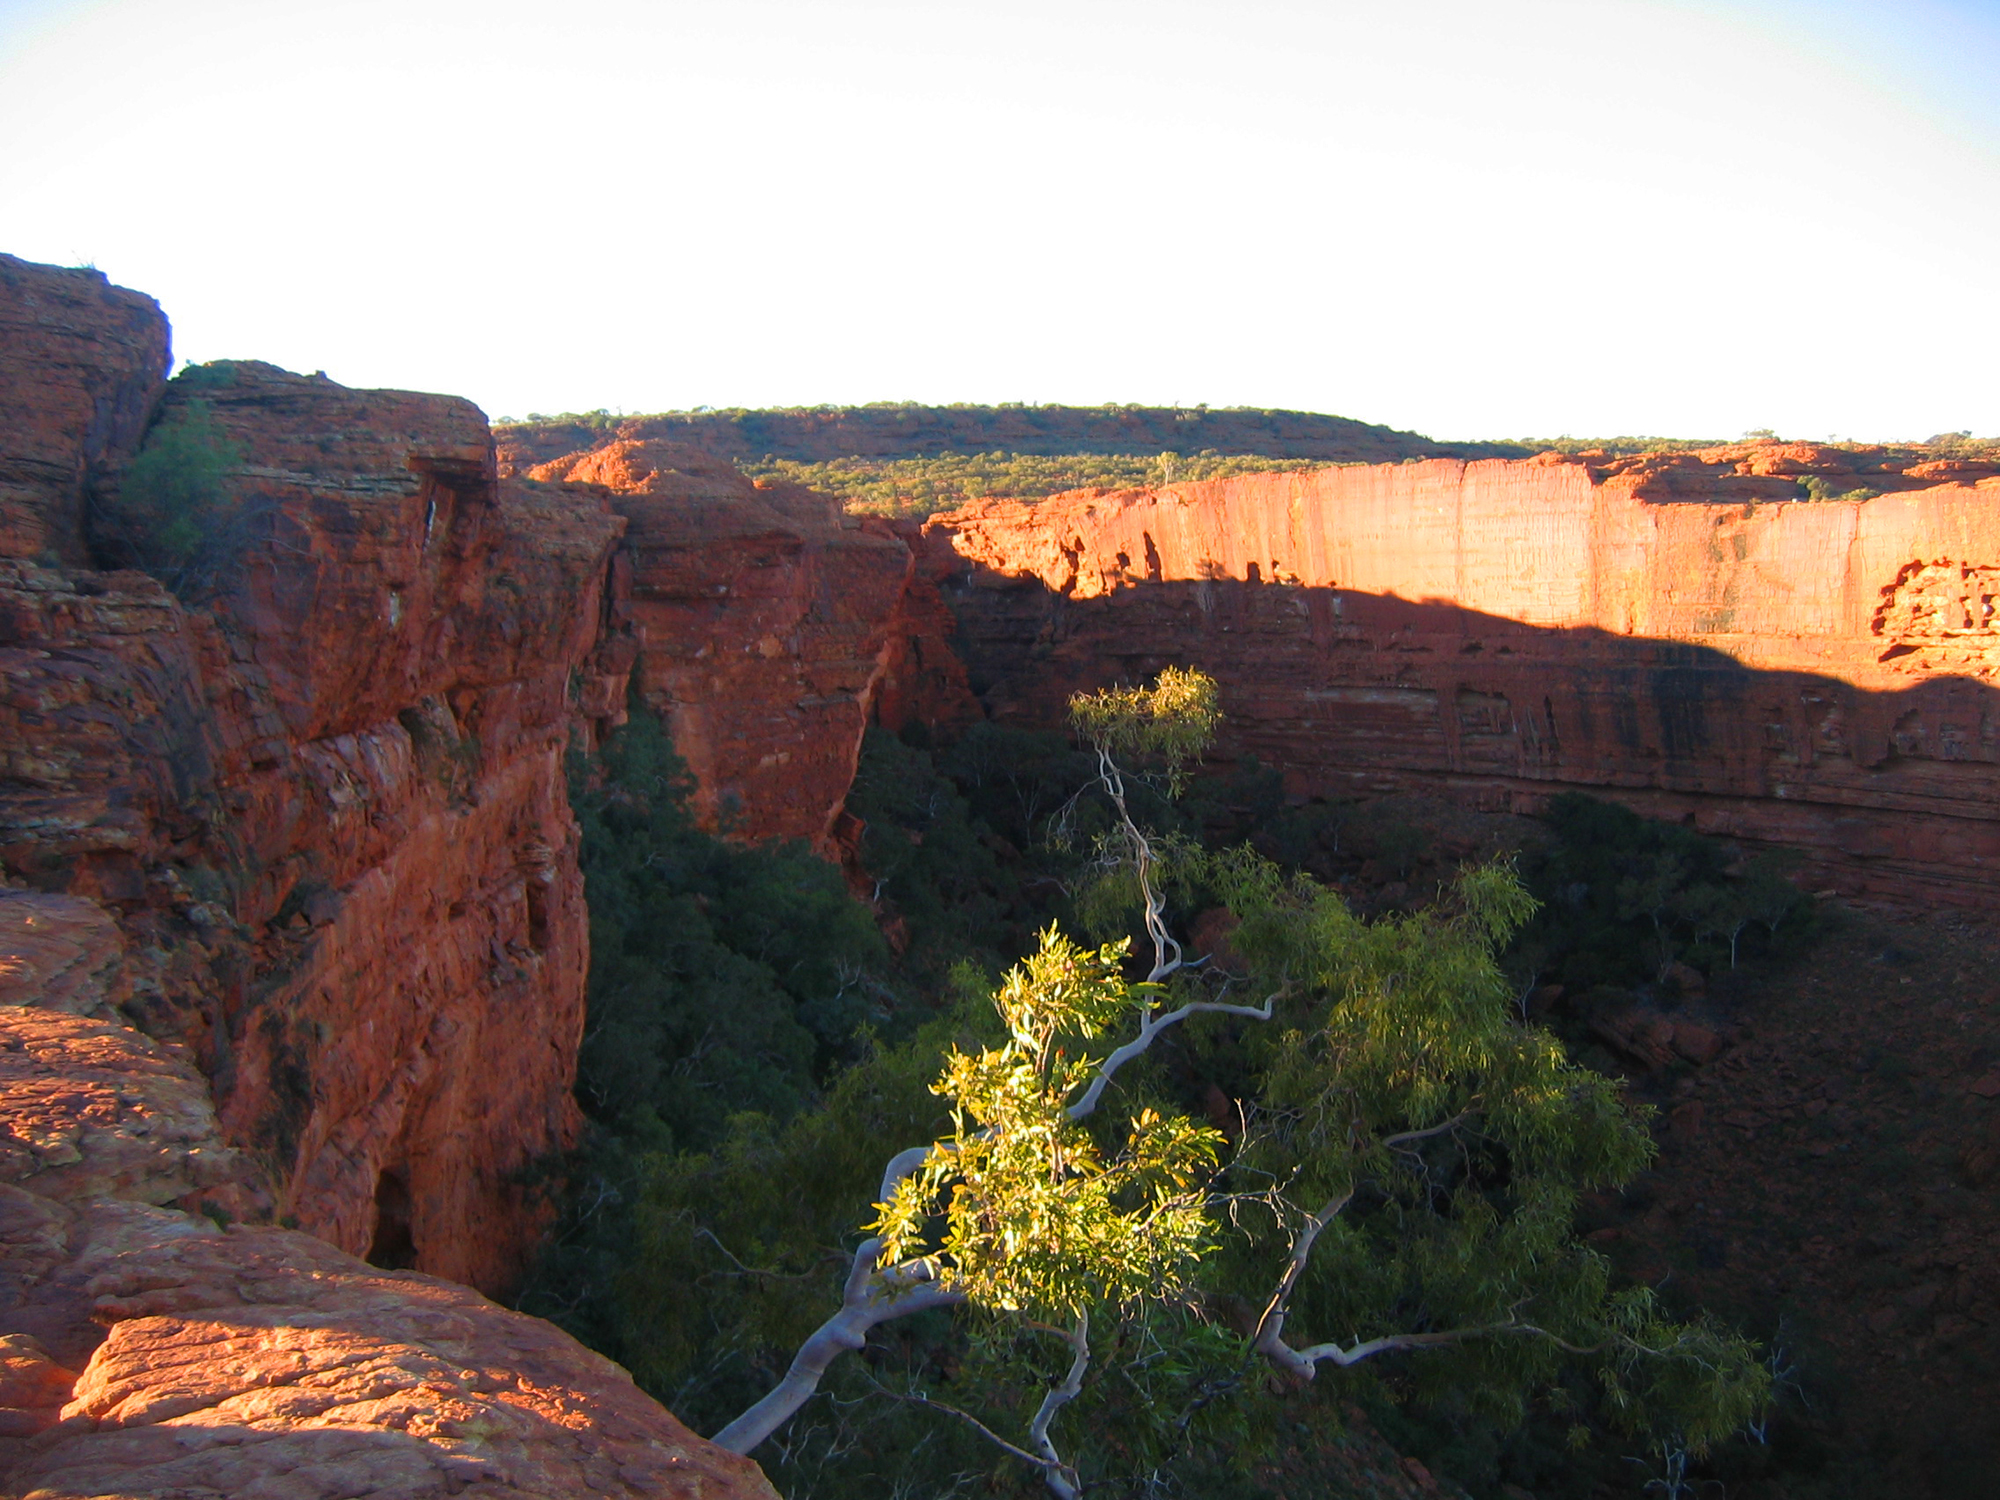 Road trip en Australie - Ayers Rock